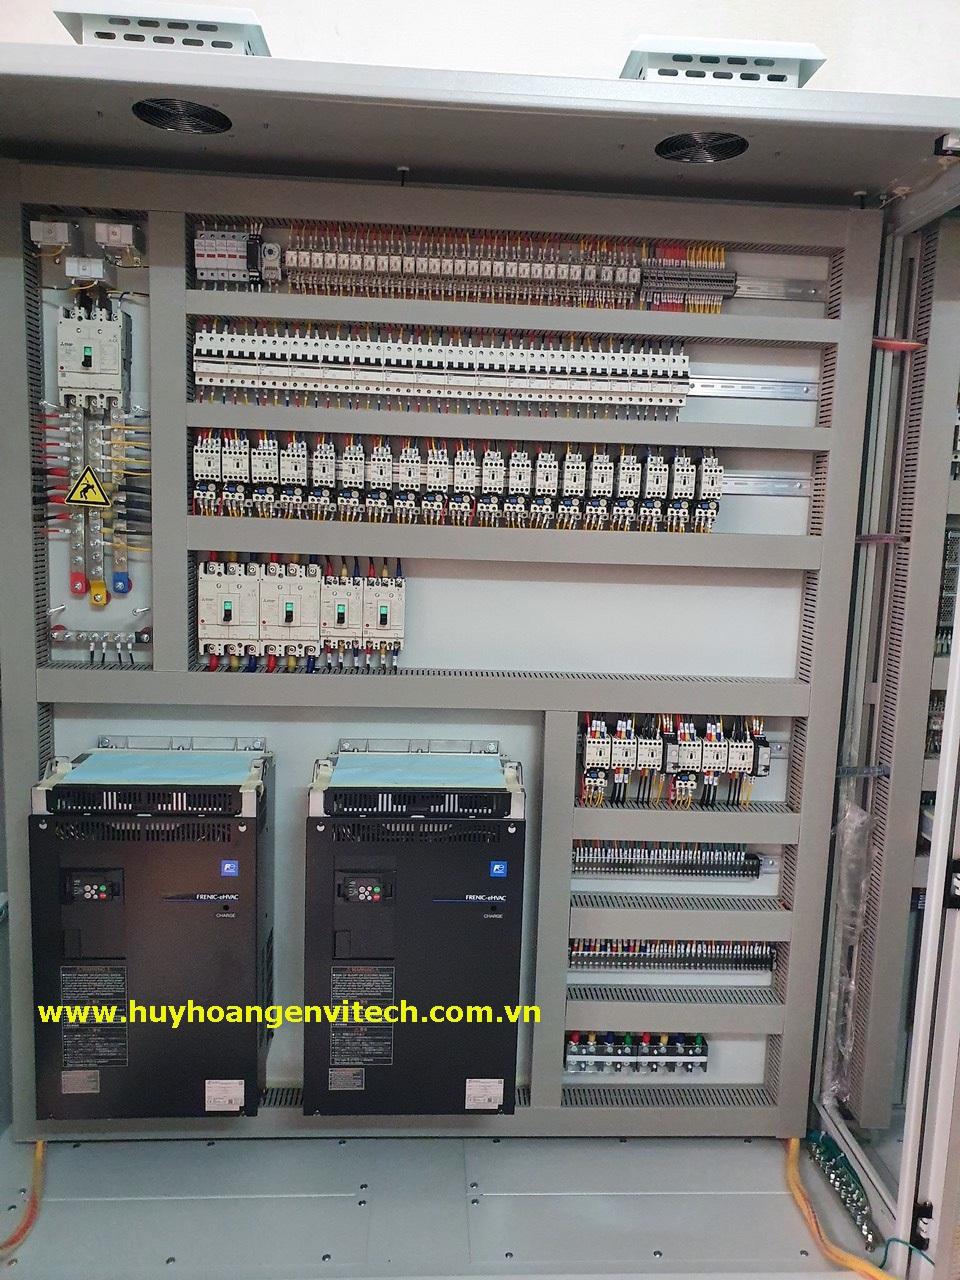 www.huyhoangenvitech.com.vn